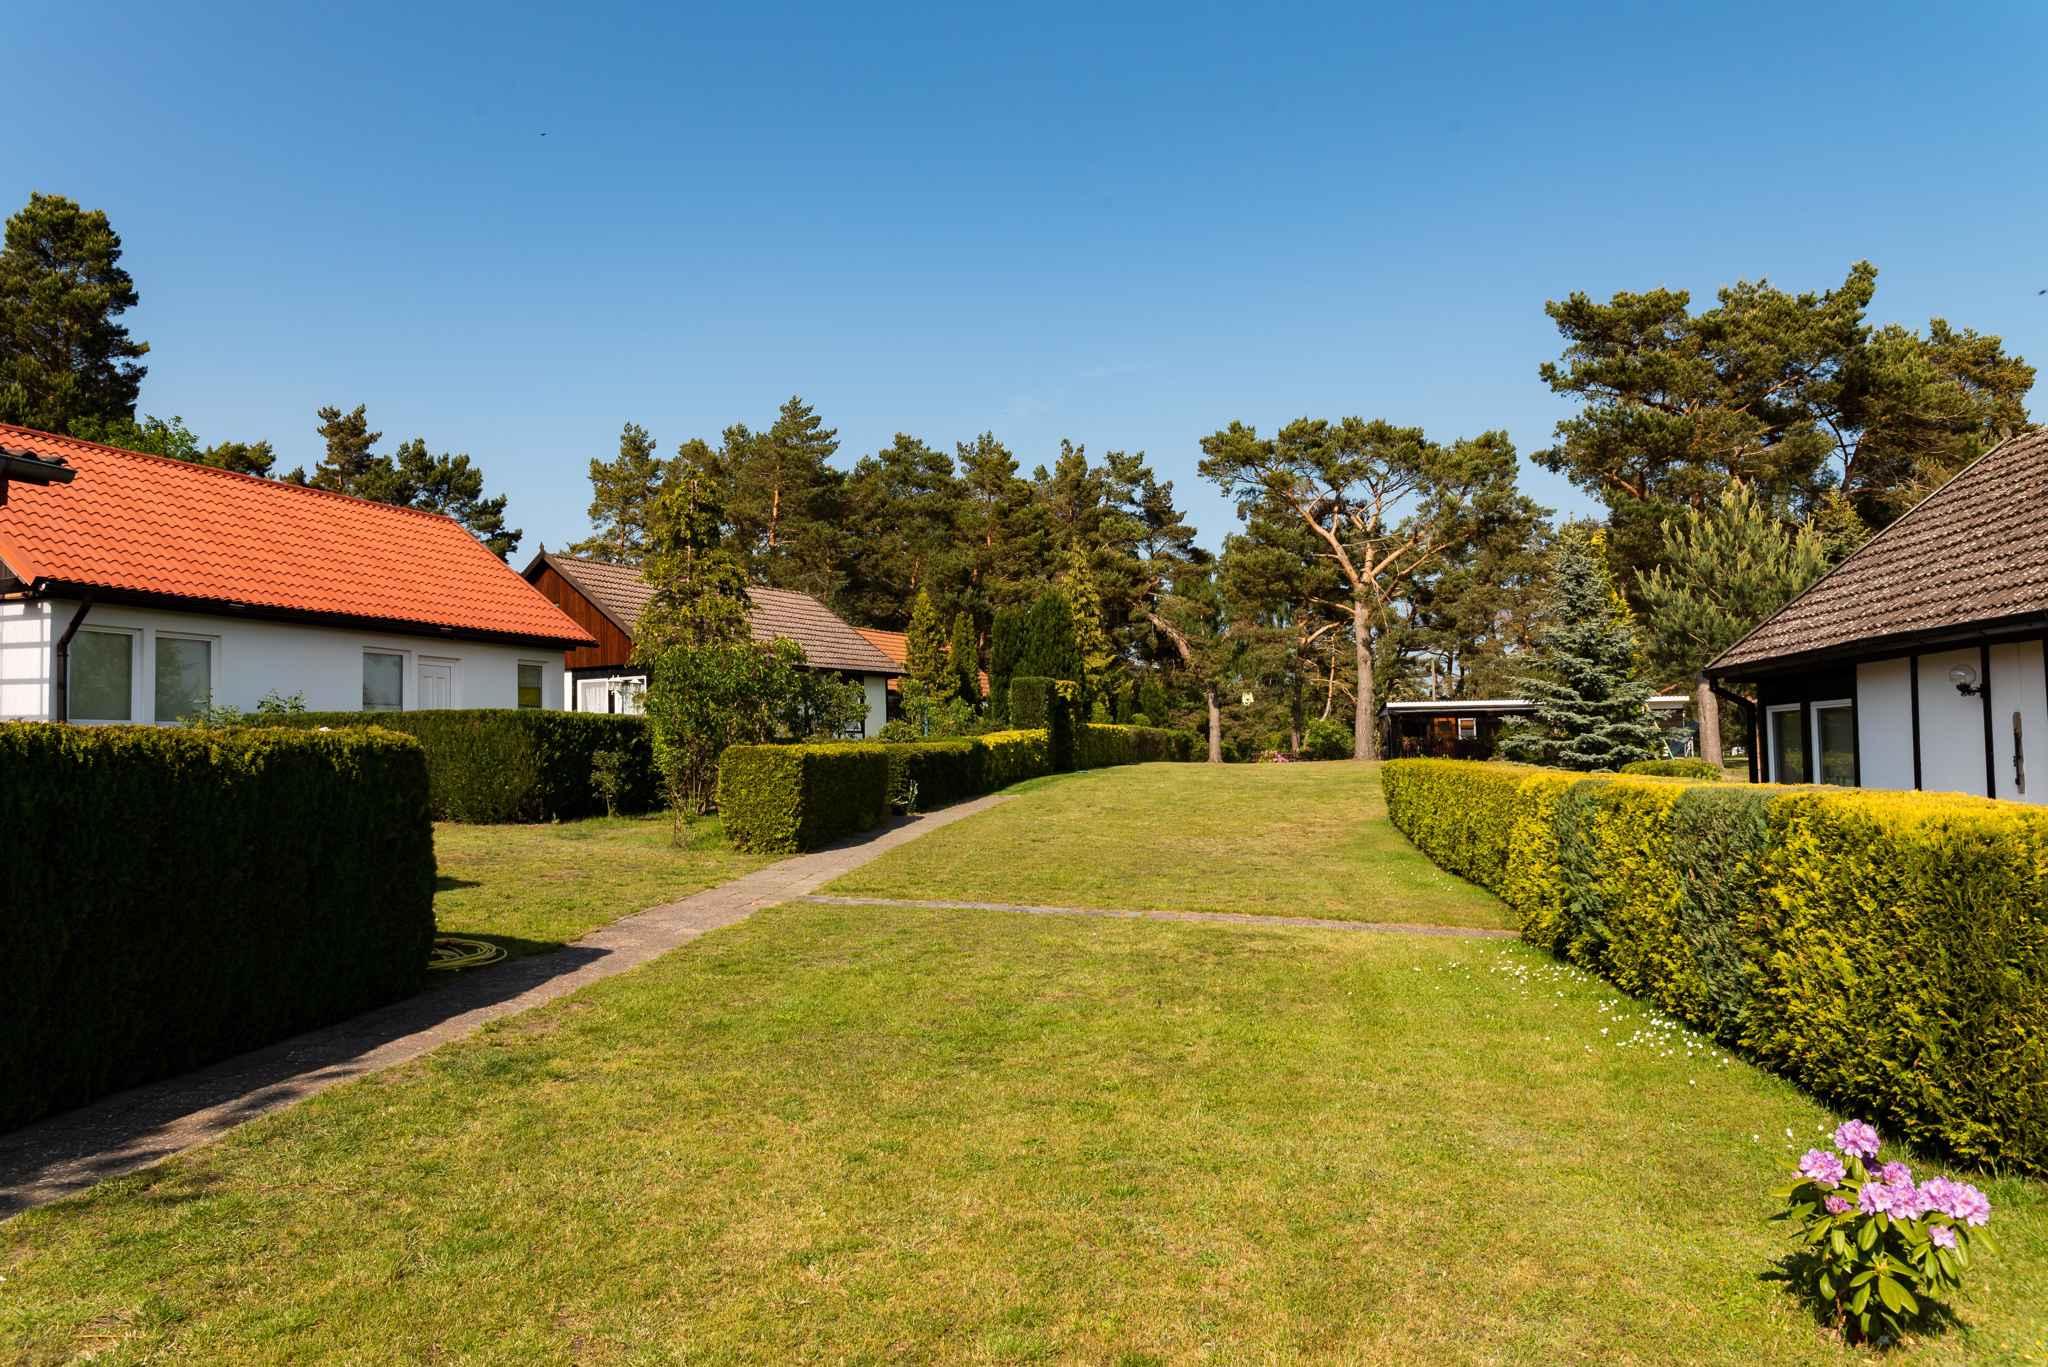 Ferienhaus Bungalow mit Terrasse und Garten (356789), Fuhlendorf, Ostseeküste Mecklenburg-Vorpommern, Mecklenburg-Vorpommern, Deutschland, Bild 13